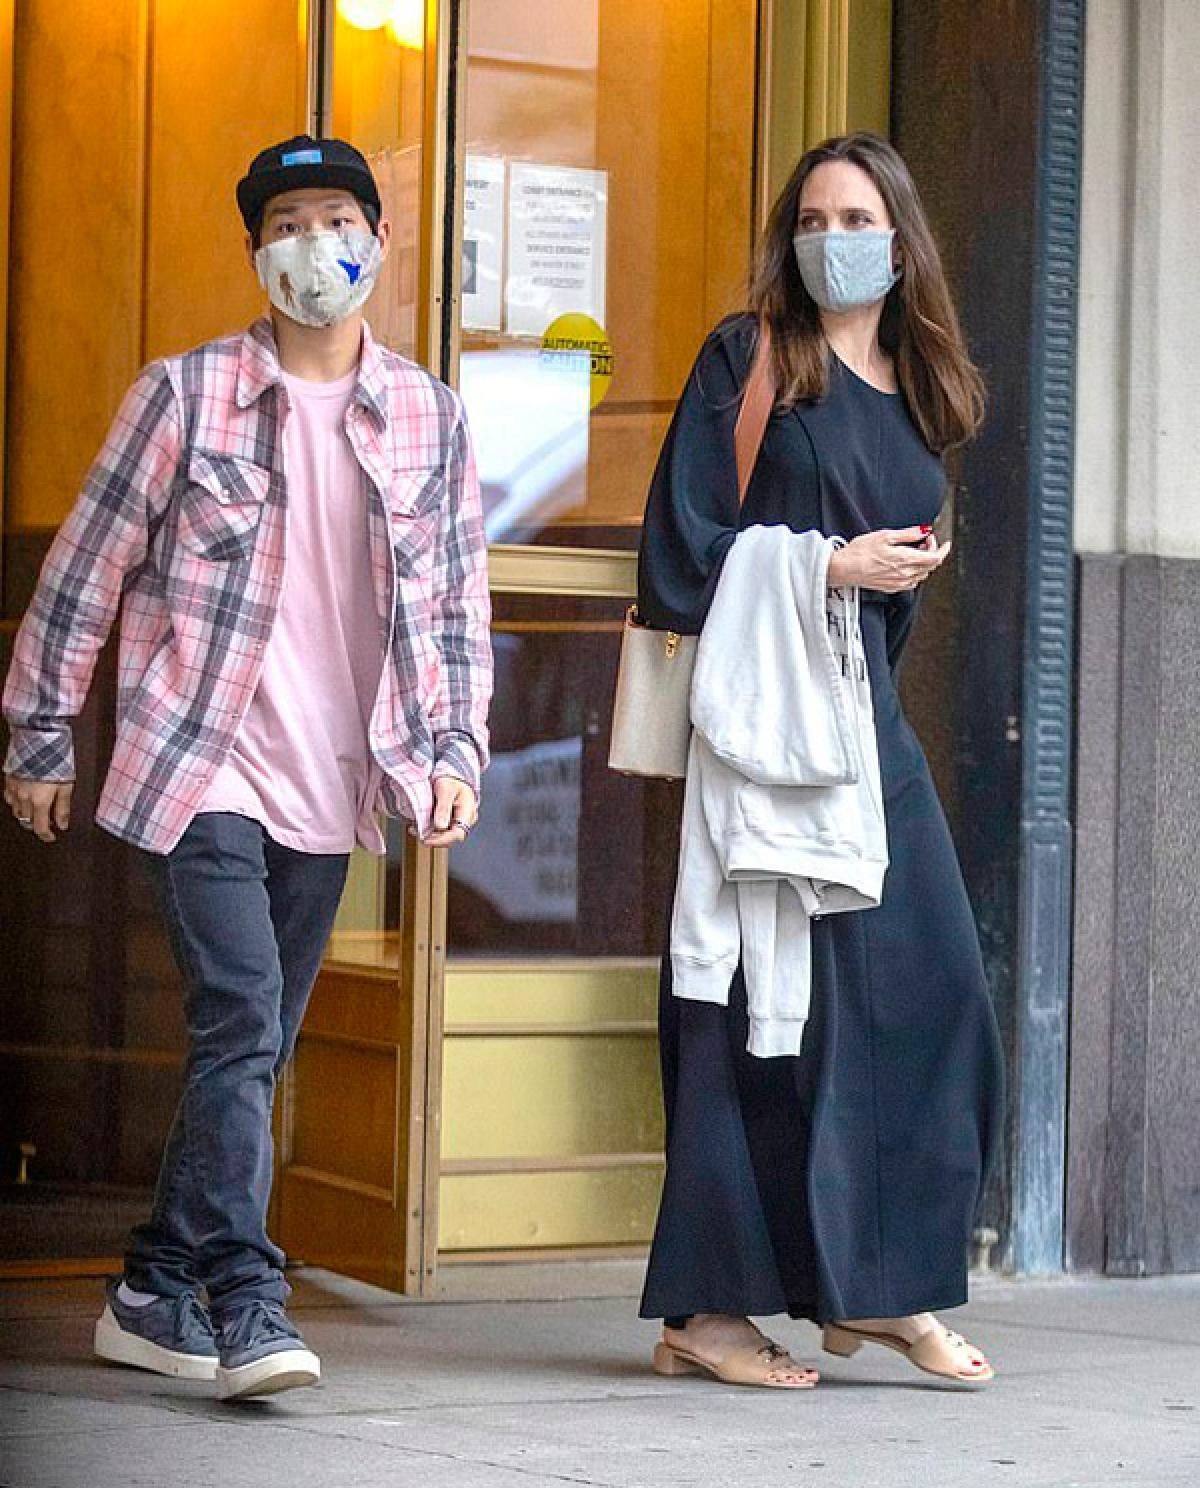 Cách đây không lâu, Angelina Jolie bị cánh săn ảnh bắt gặp khi đưa con trai Pax Thiên đến nhà chồng cũ Johnny Lee Miller ở New York.